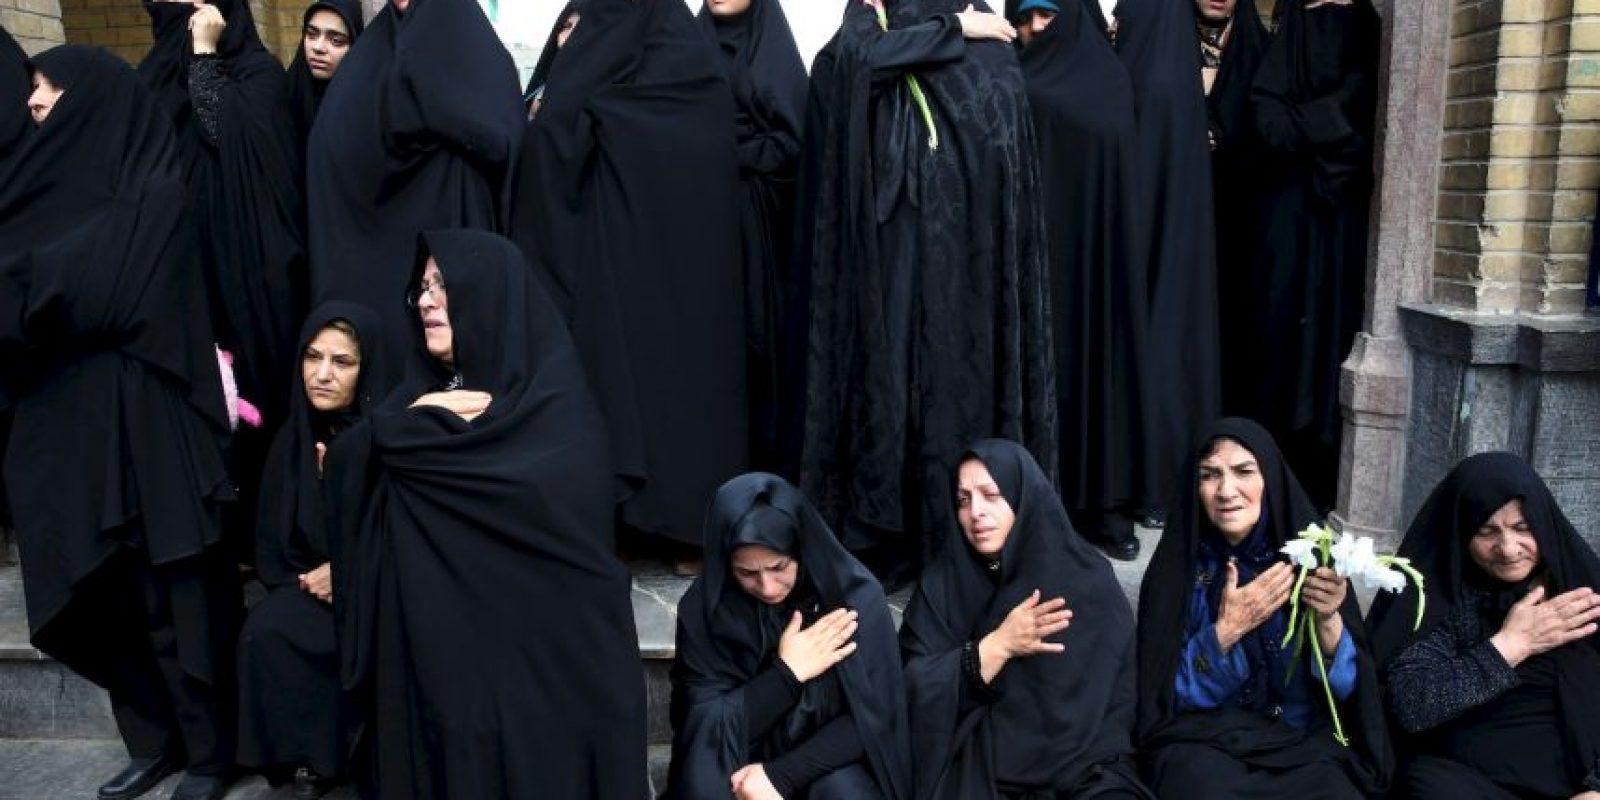 El grupo terrorista continúa dañando a las mujeres que retiene como esclavas. Foto:Getty Images